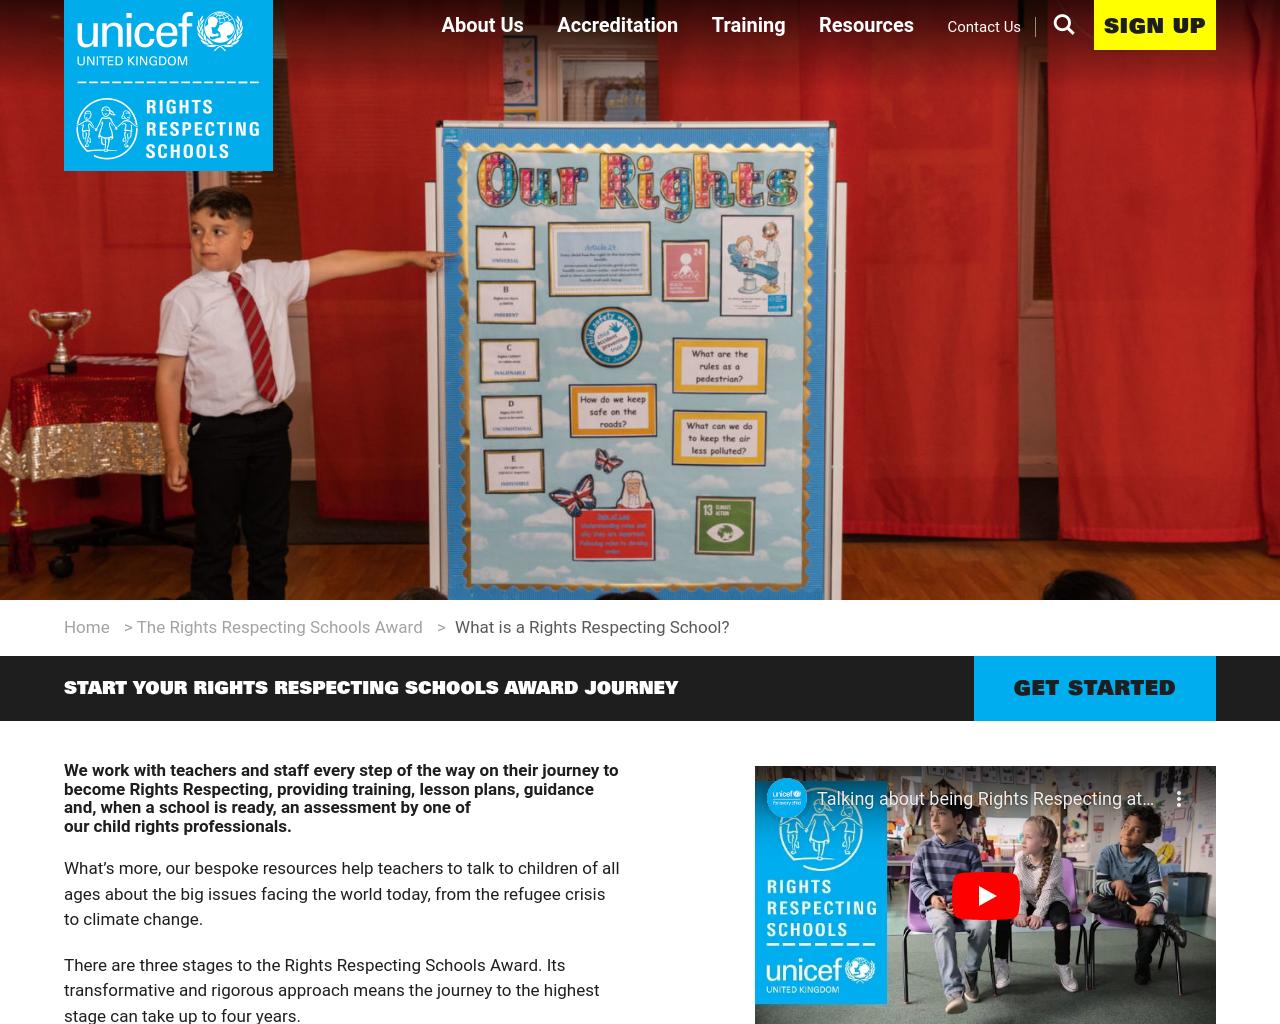 UNICEF RRSA